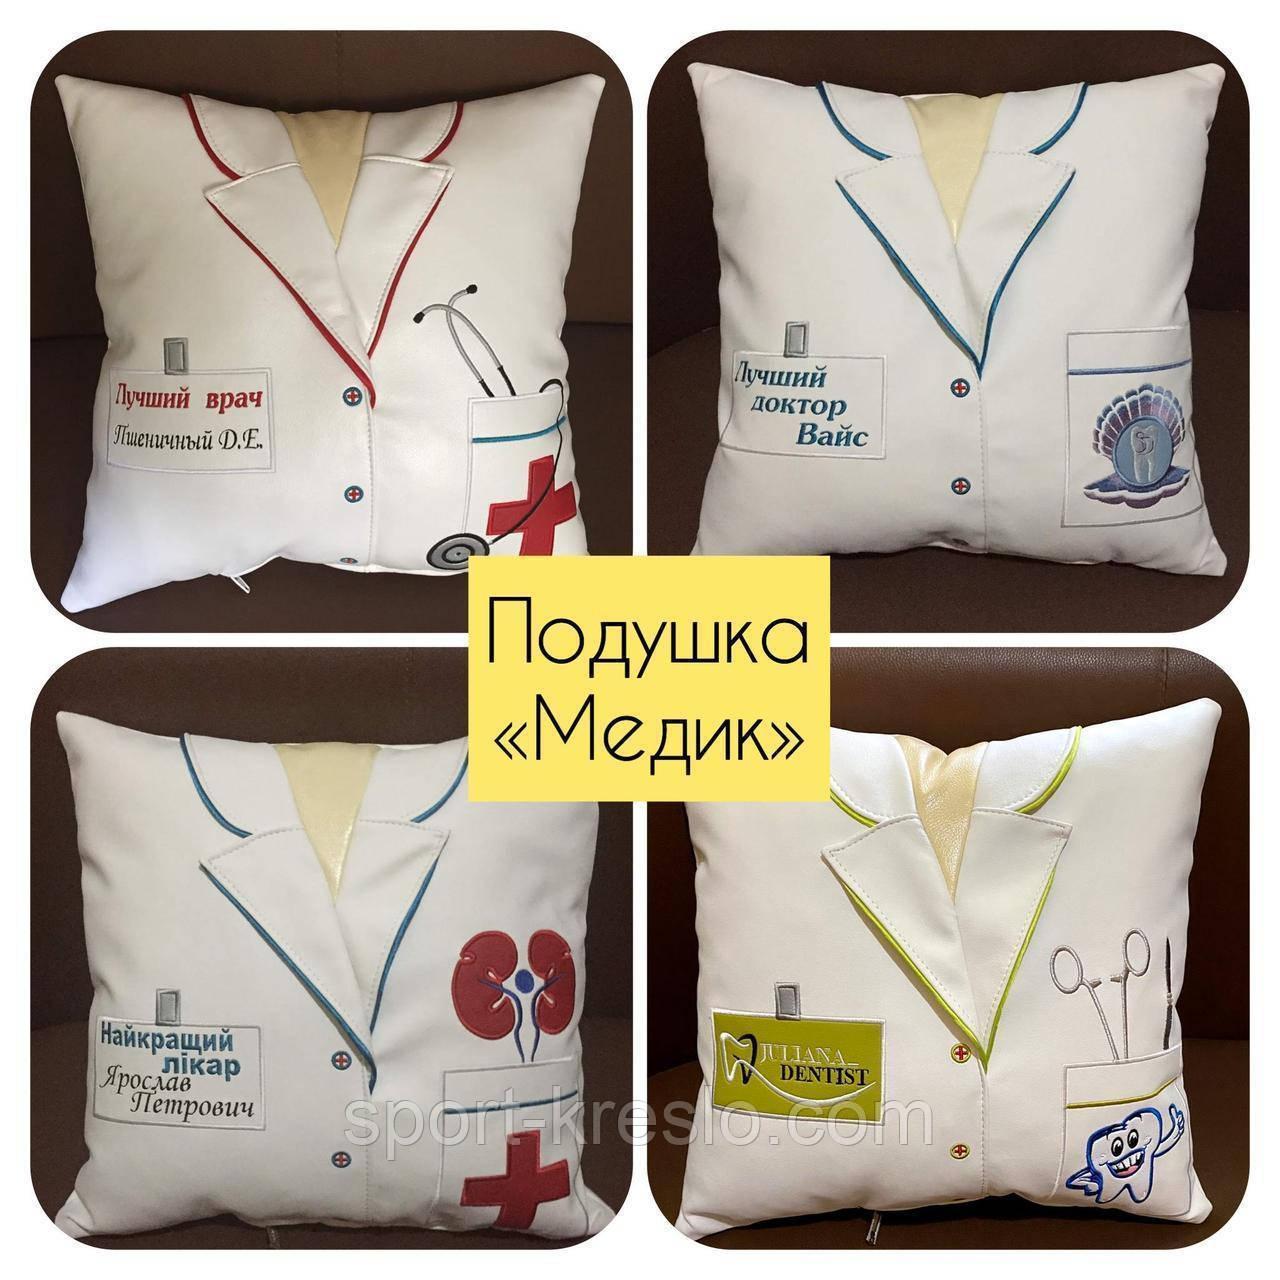 Подарочная подушка униформа медработнику, сотруднику СБУ, пожарнику, стоматологу, моряку, нацгвардии, полиции